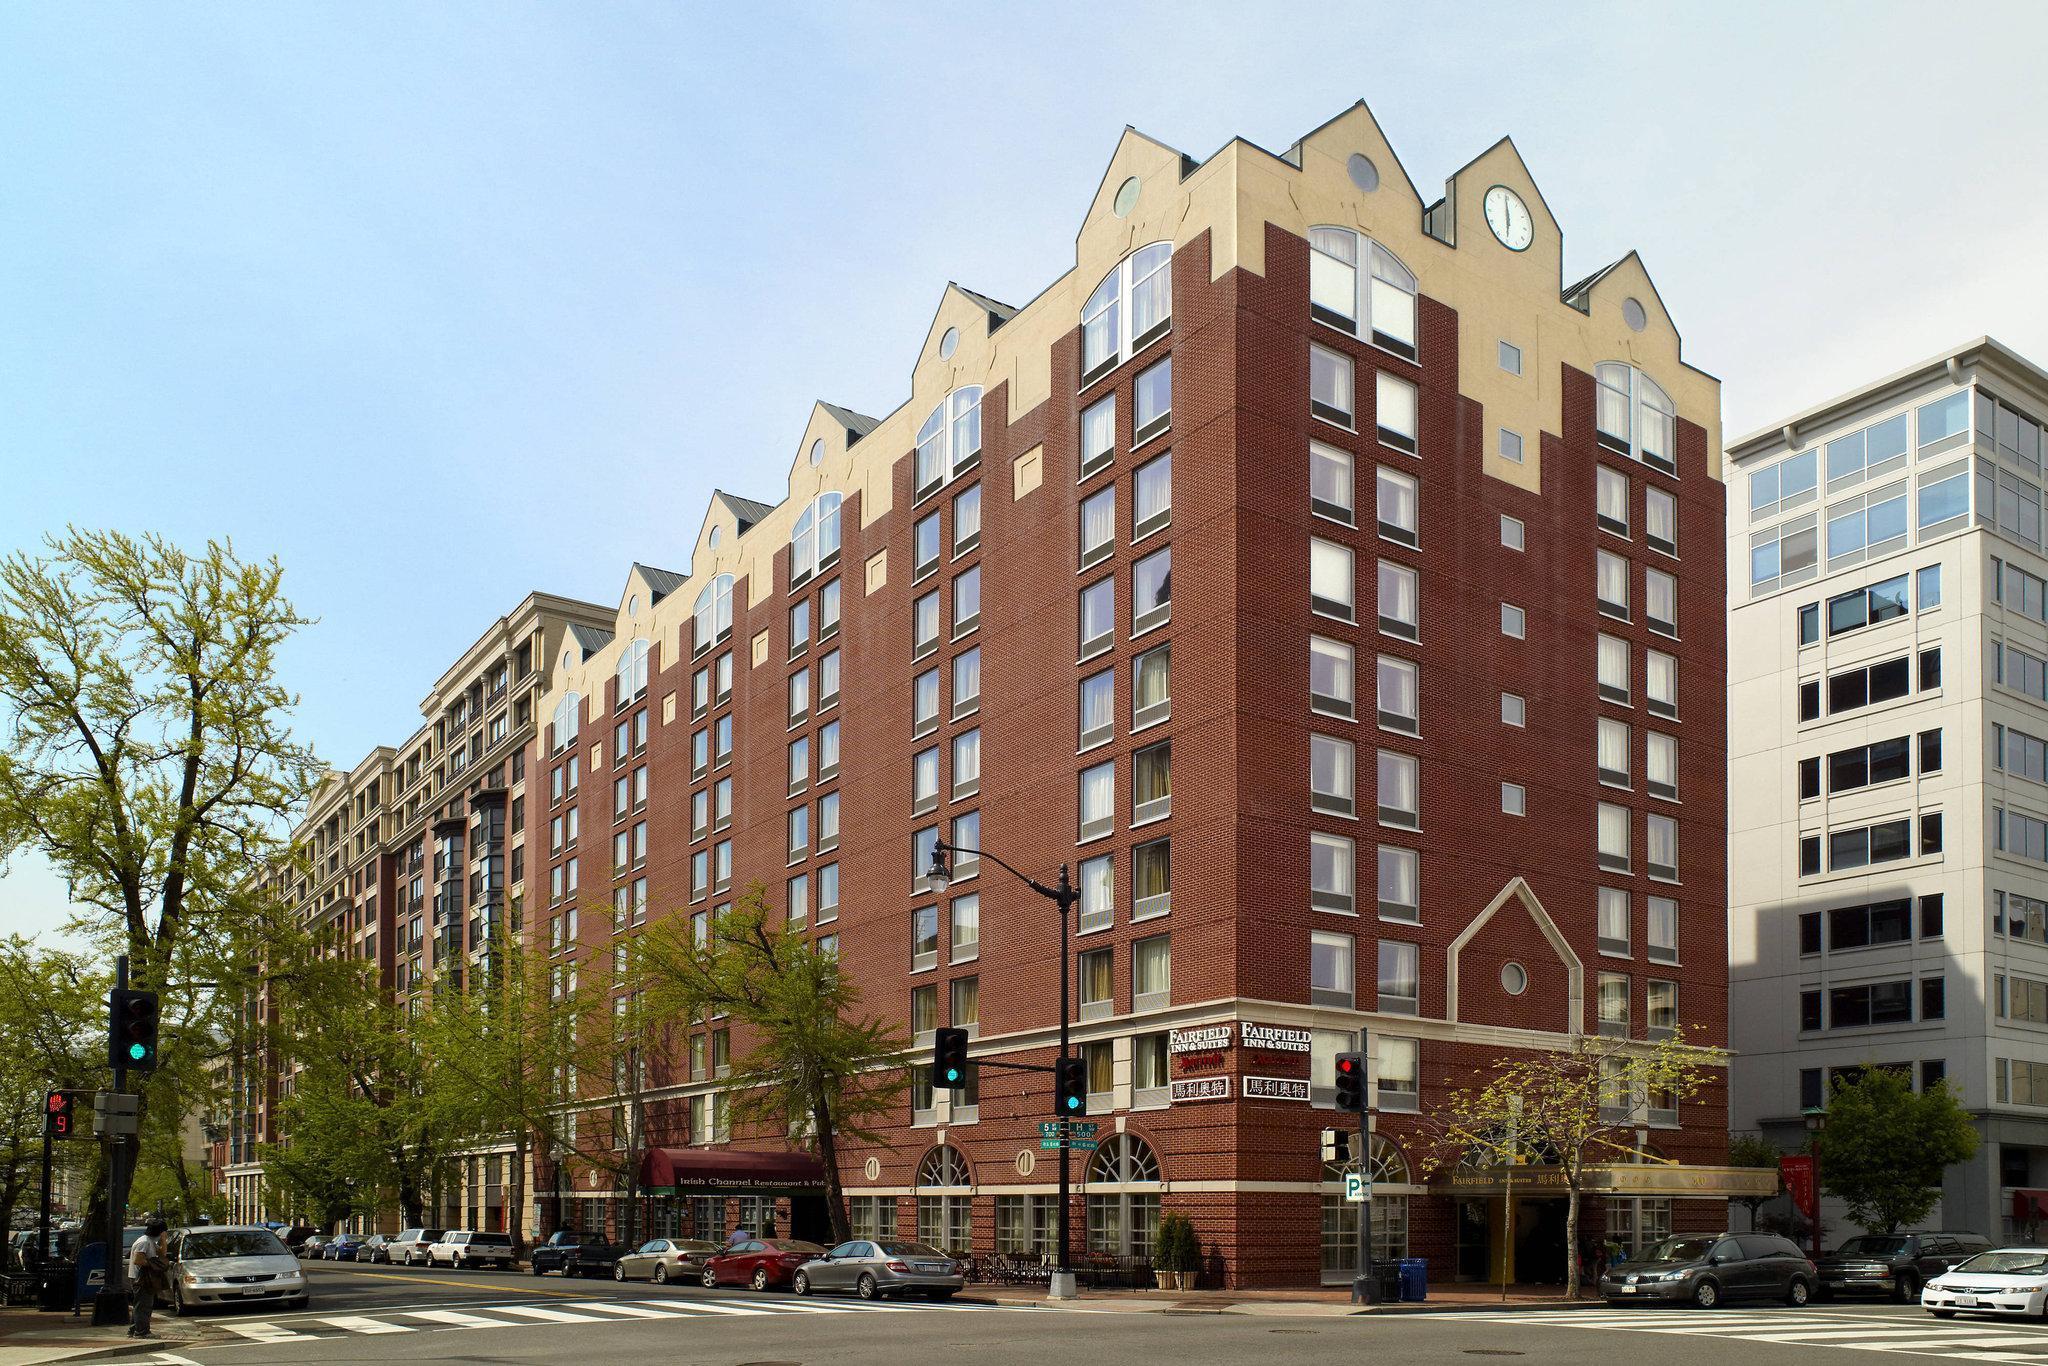 Fairfield Inn & Suites Washington